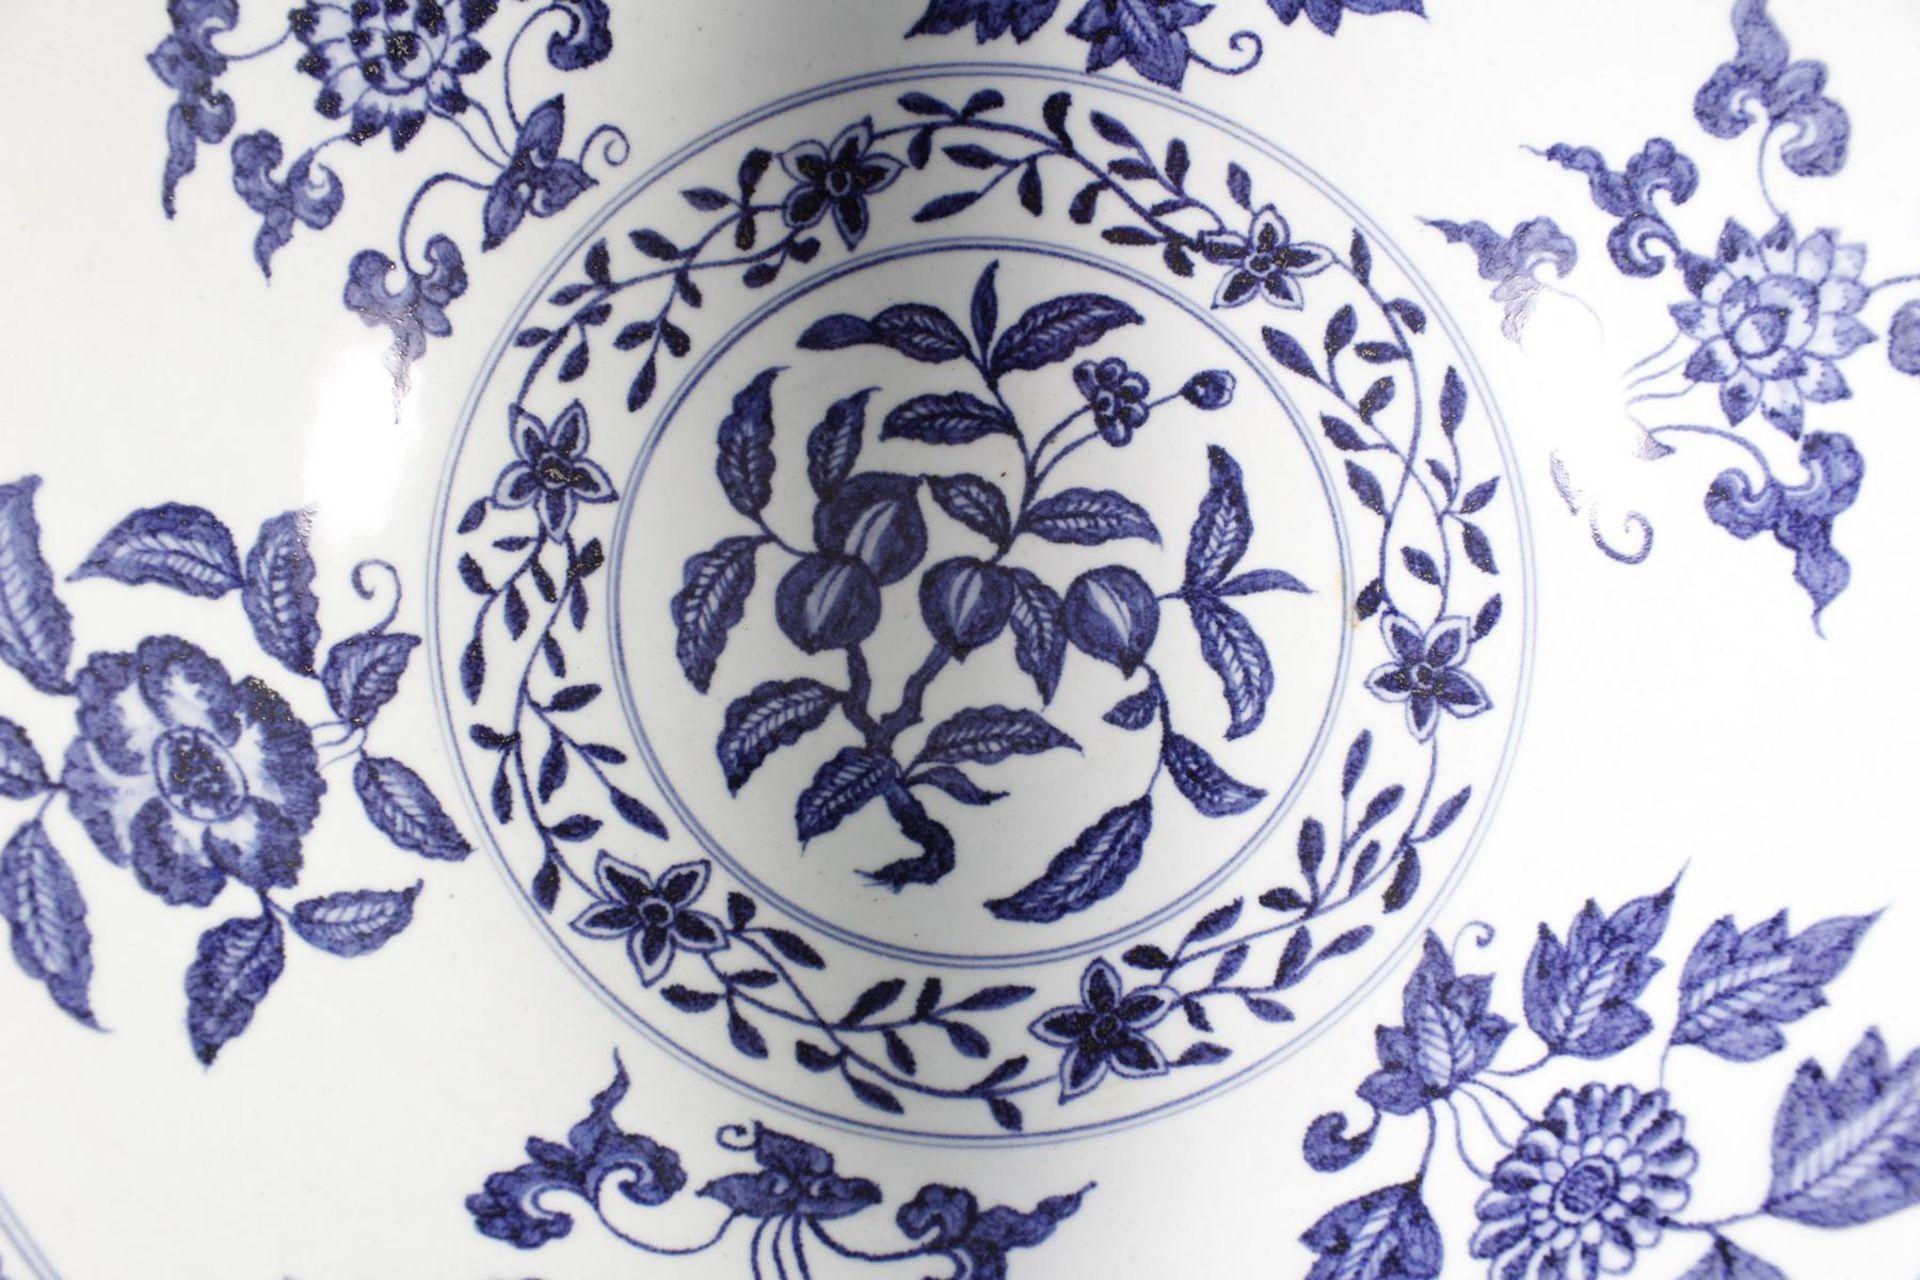 Große Porzellanschüssel, China, Hsüan-tê Marke - Bild 8 aus 17